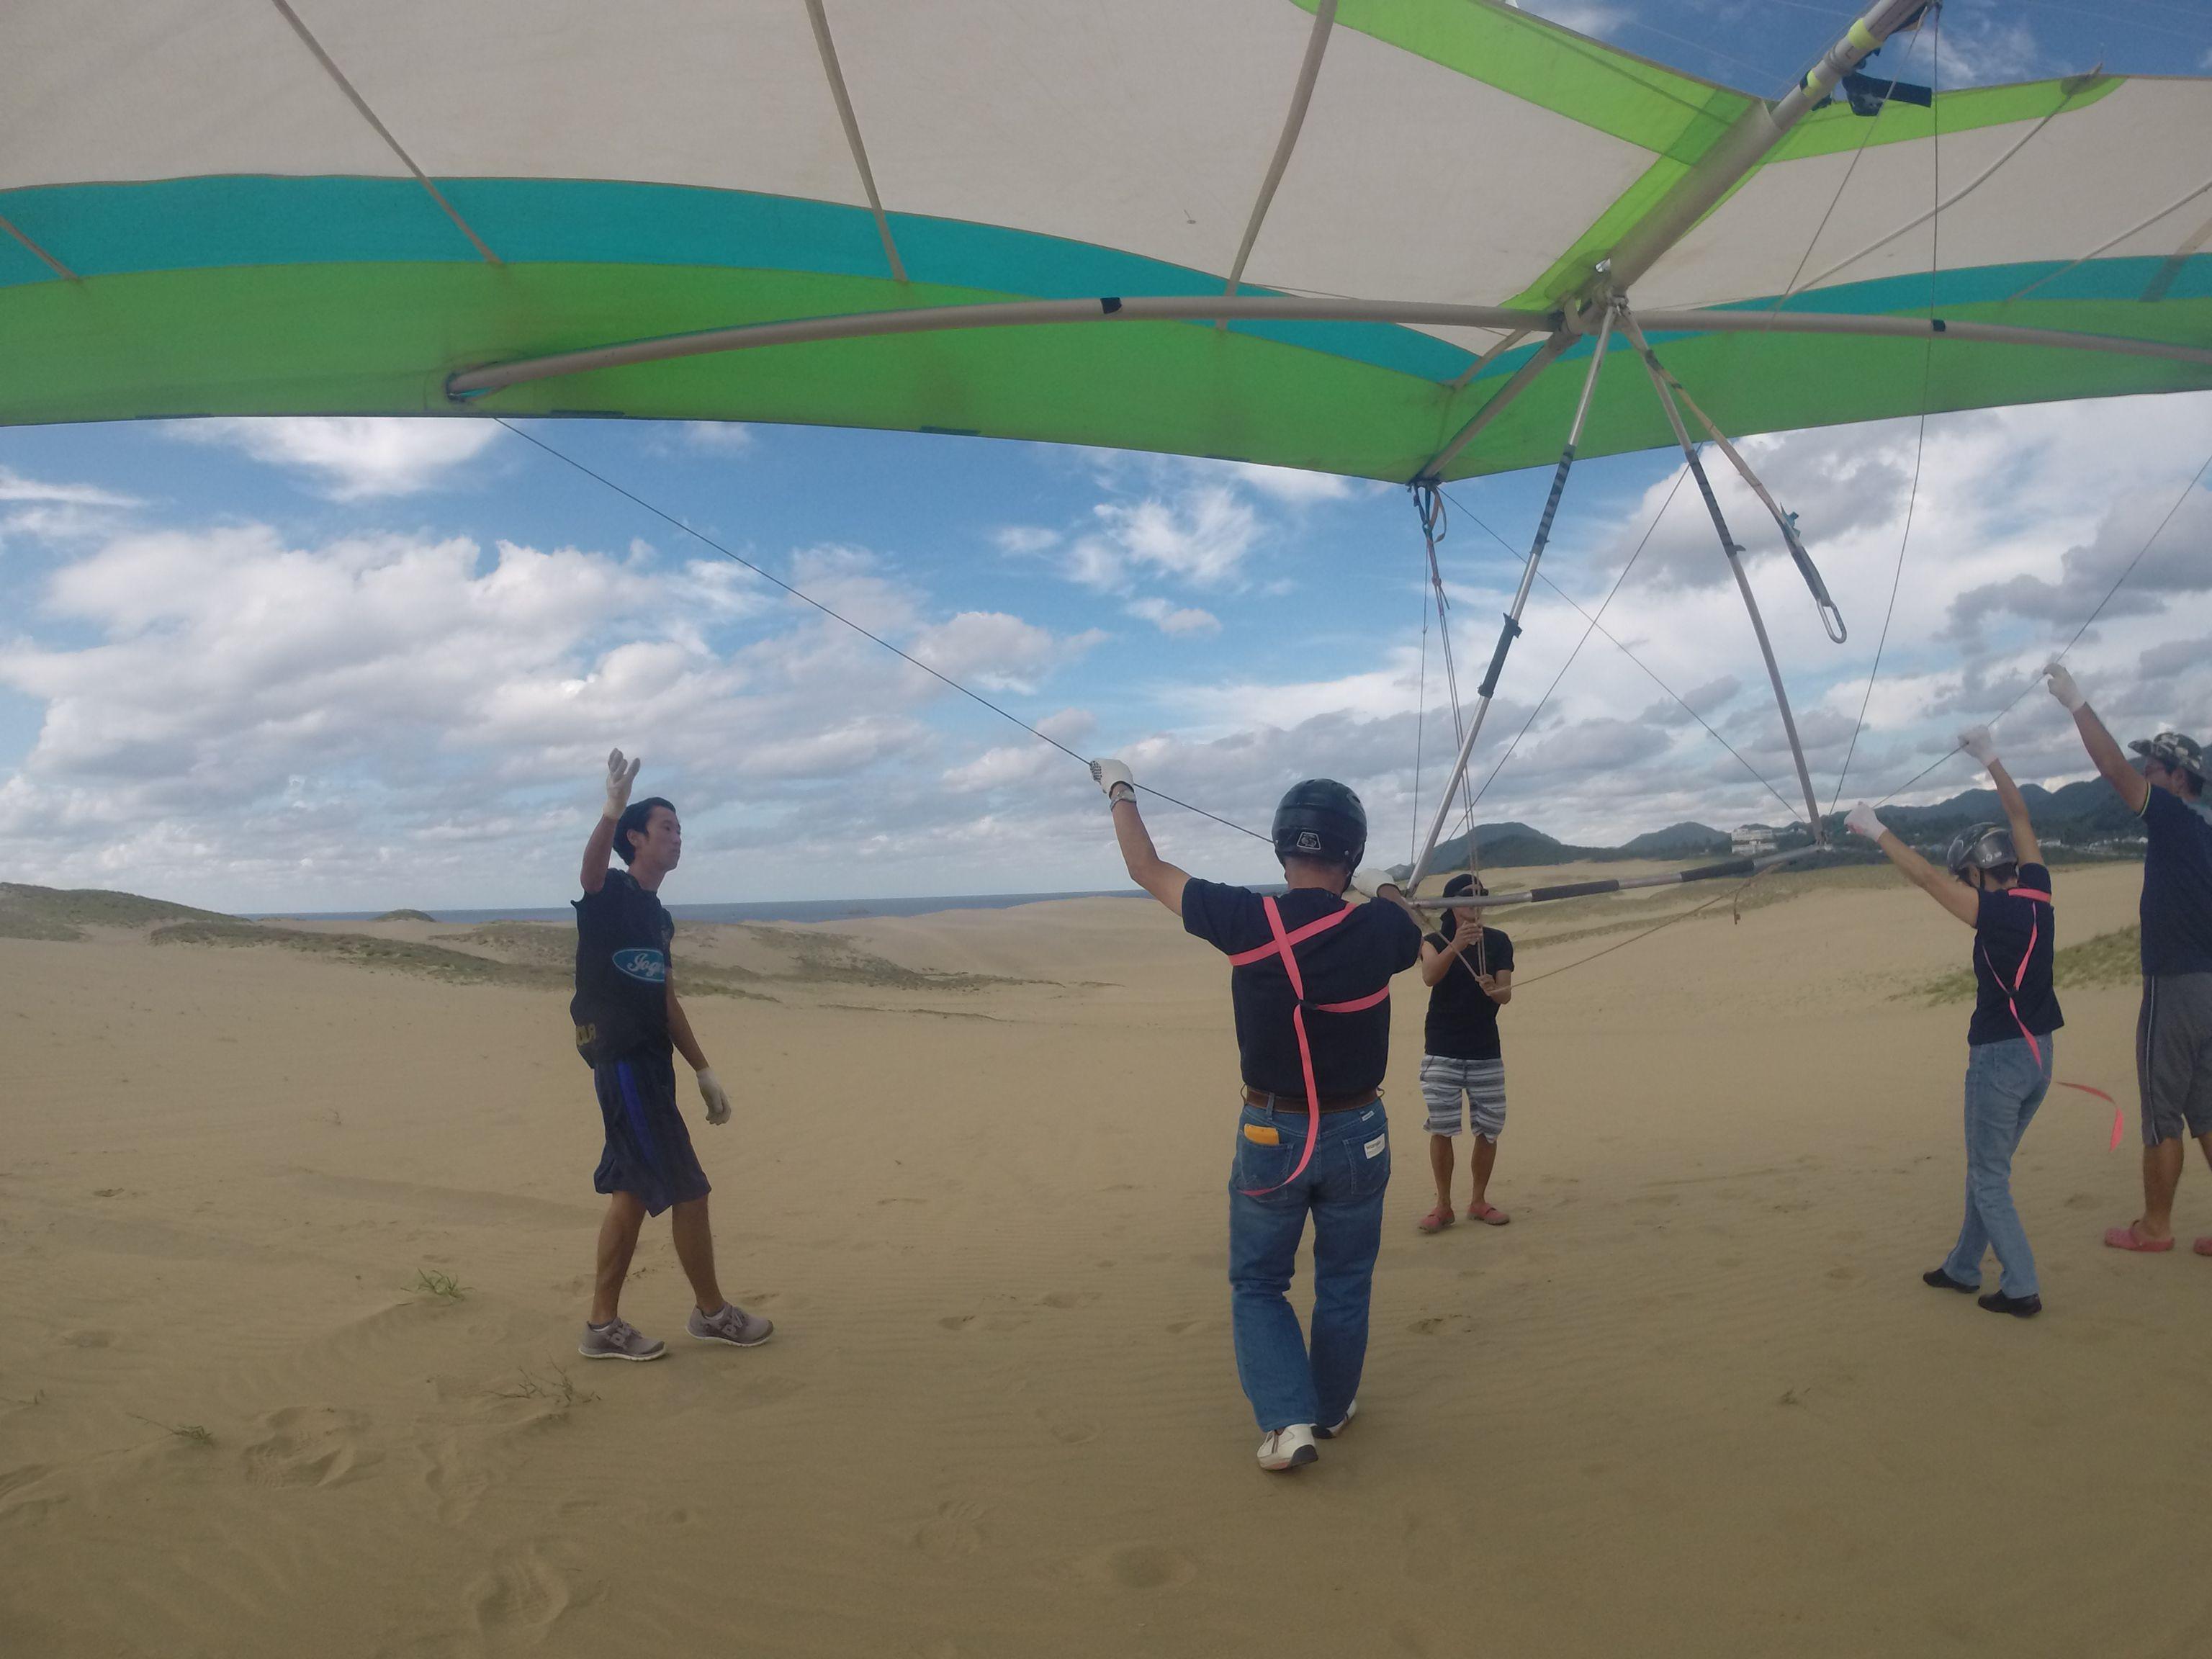 風の強い間はハンググライダーにトライ